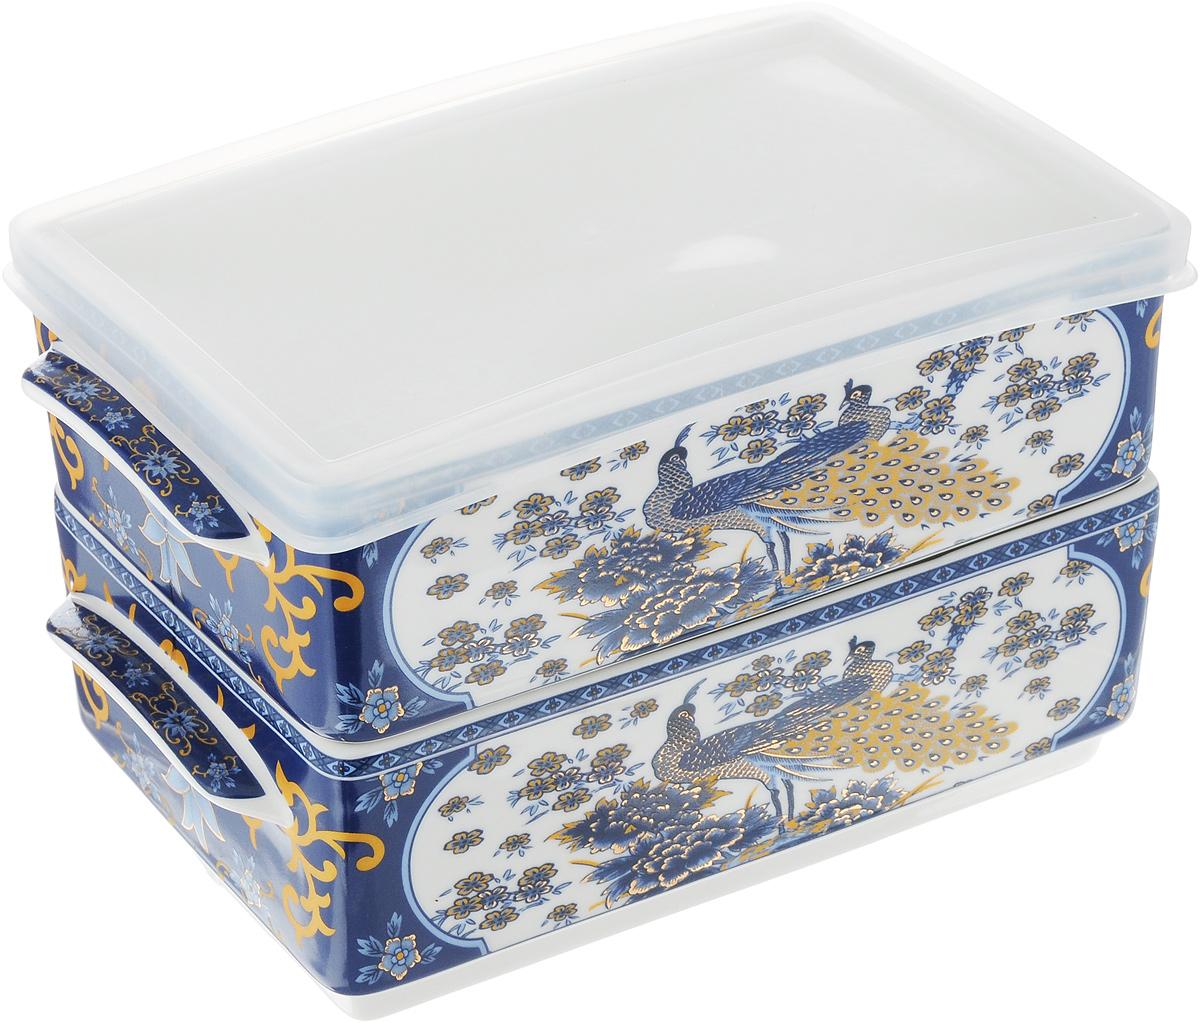 Набор блюд для холодца Elan Gallery Павлин синий, 800 мл, 2 шт503540Блюда для холодца Elan Gallery Синий павлин, изготовленные из высококачественной керамики, предназначены для приготовления и хранения заливного или холодца. Пластиковая крышка, входящая в комплект, сохранит свежесть вашего блюда. Также блюда можно использовать для приготовления и хранения салатов. Изделия оформлены оригинальным рисунком. Такие блюда украсят сервировку вашего стола и подчеркнут прекрасный вкус хозяйки. Не рекомендуется применять абразивные моющие средства. Не использовать в микроволновой печи. Размер блюд (без учета ручек и крышки): 17,2 х 11,5 х 6 см. Объем блюд: 800 мл.